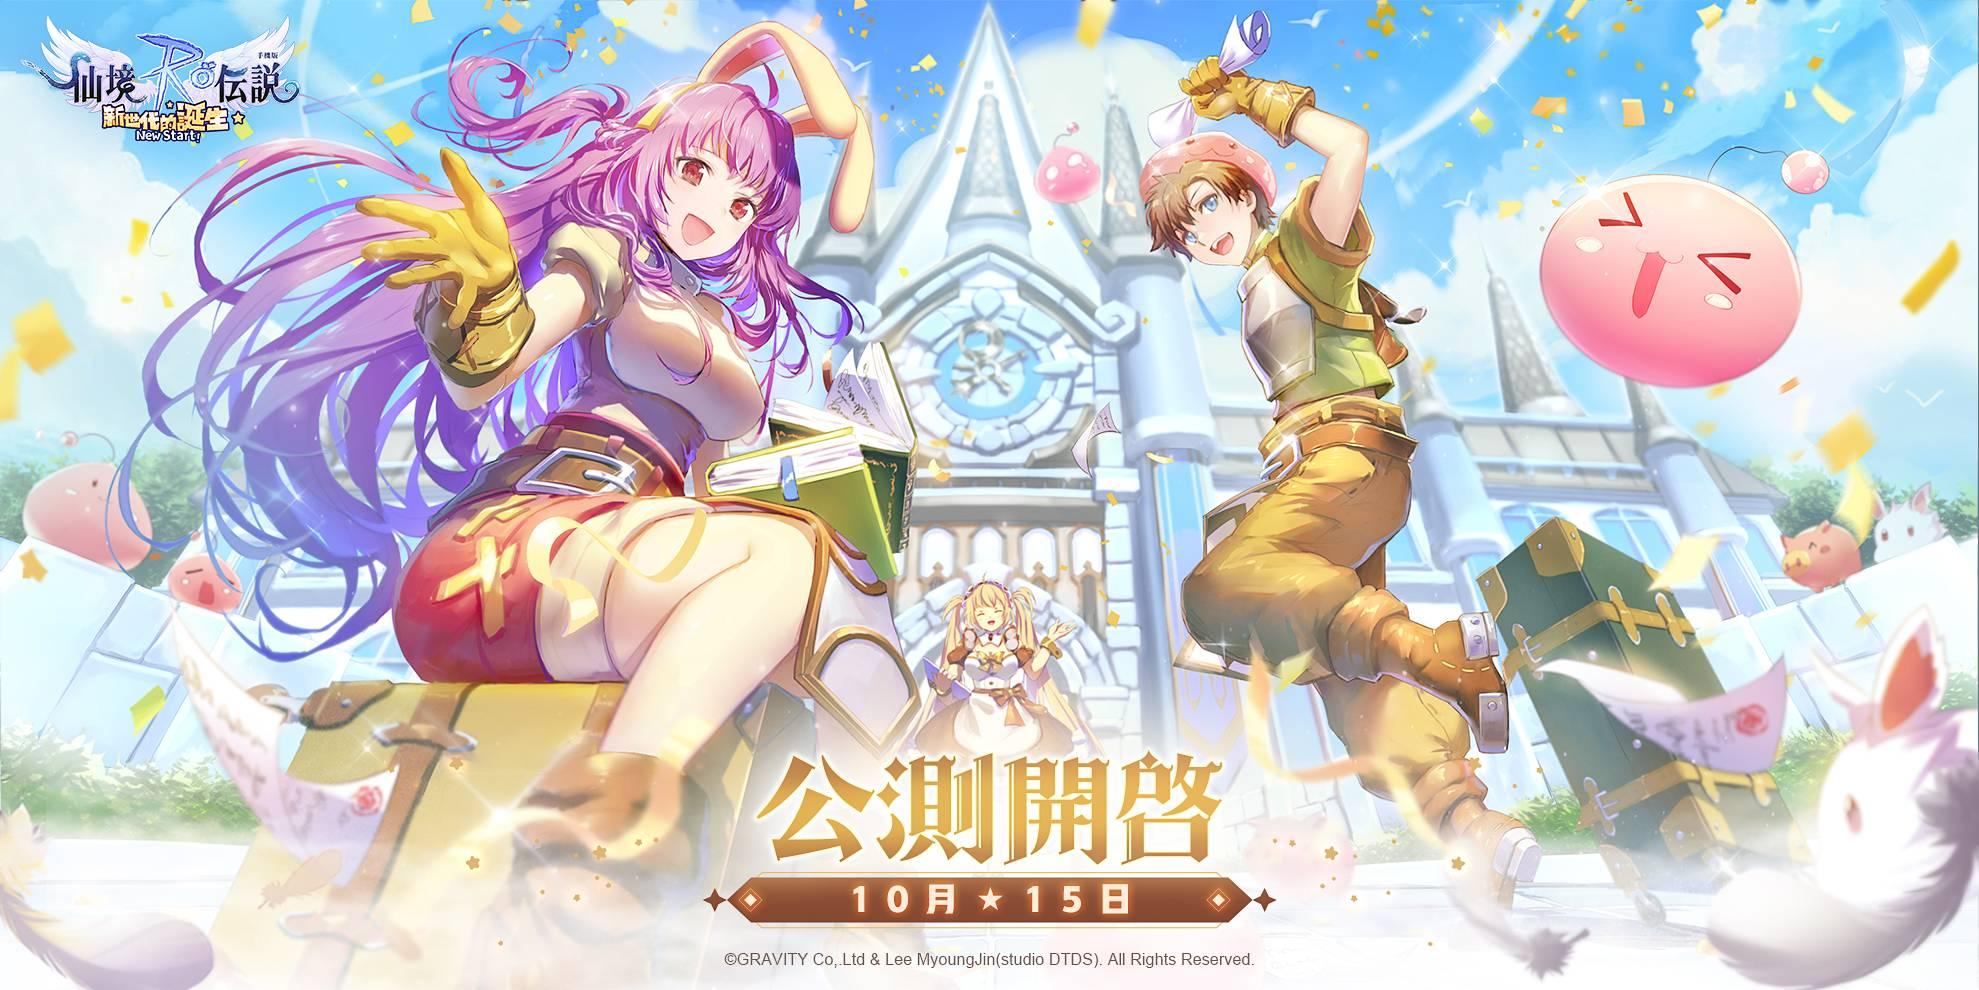 「RO仙境傳說:新世代的誕生」將於10月15日正式上市  雙平台預先註冊火熱進行中